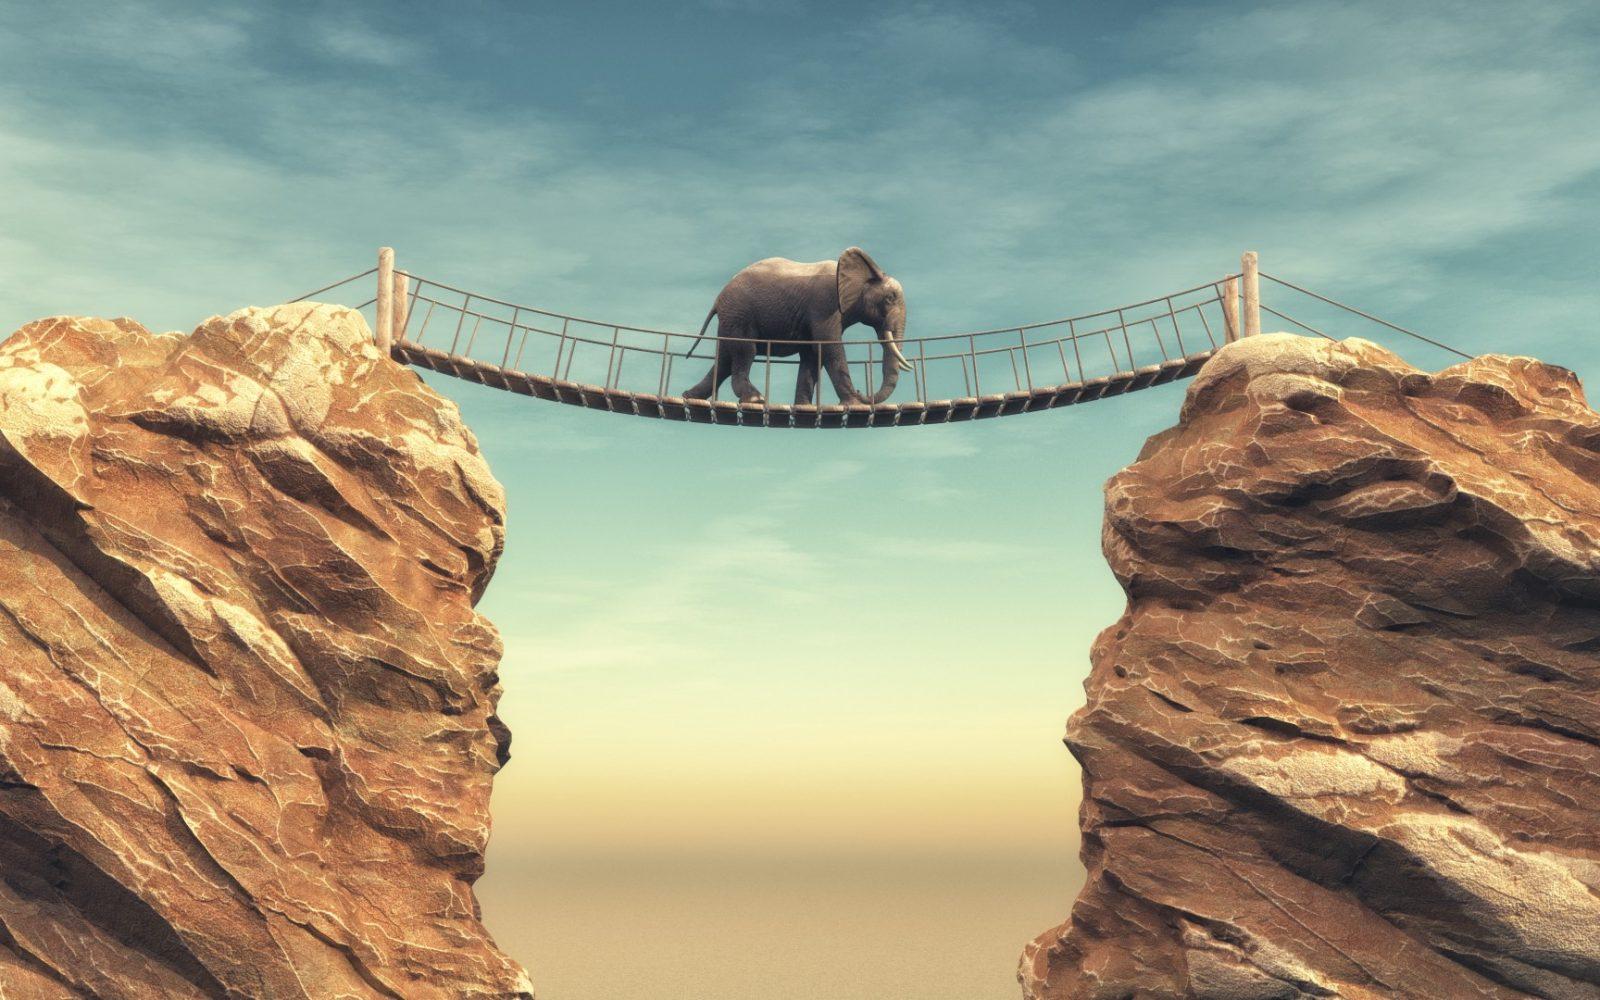 DLF - Digital Leaders Fund - Ein Elefant läuft auf einer Hängebrücke von einem Felsen zum Anderen